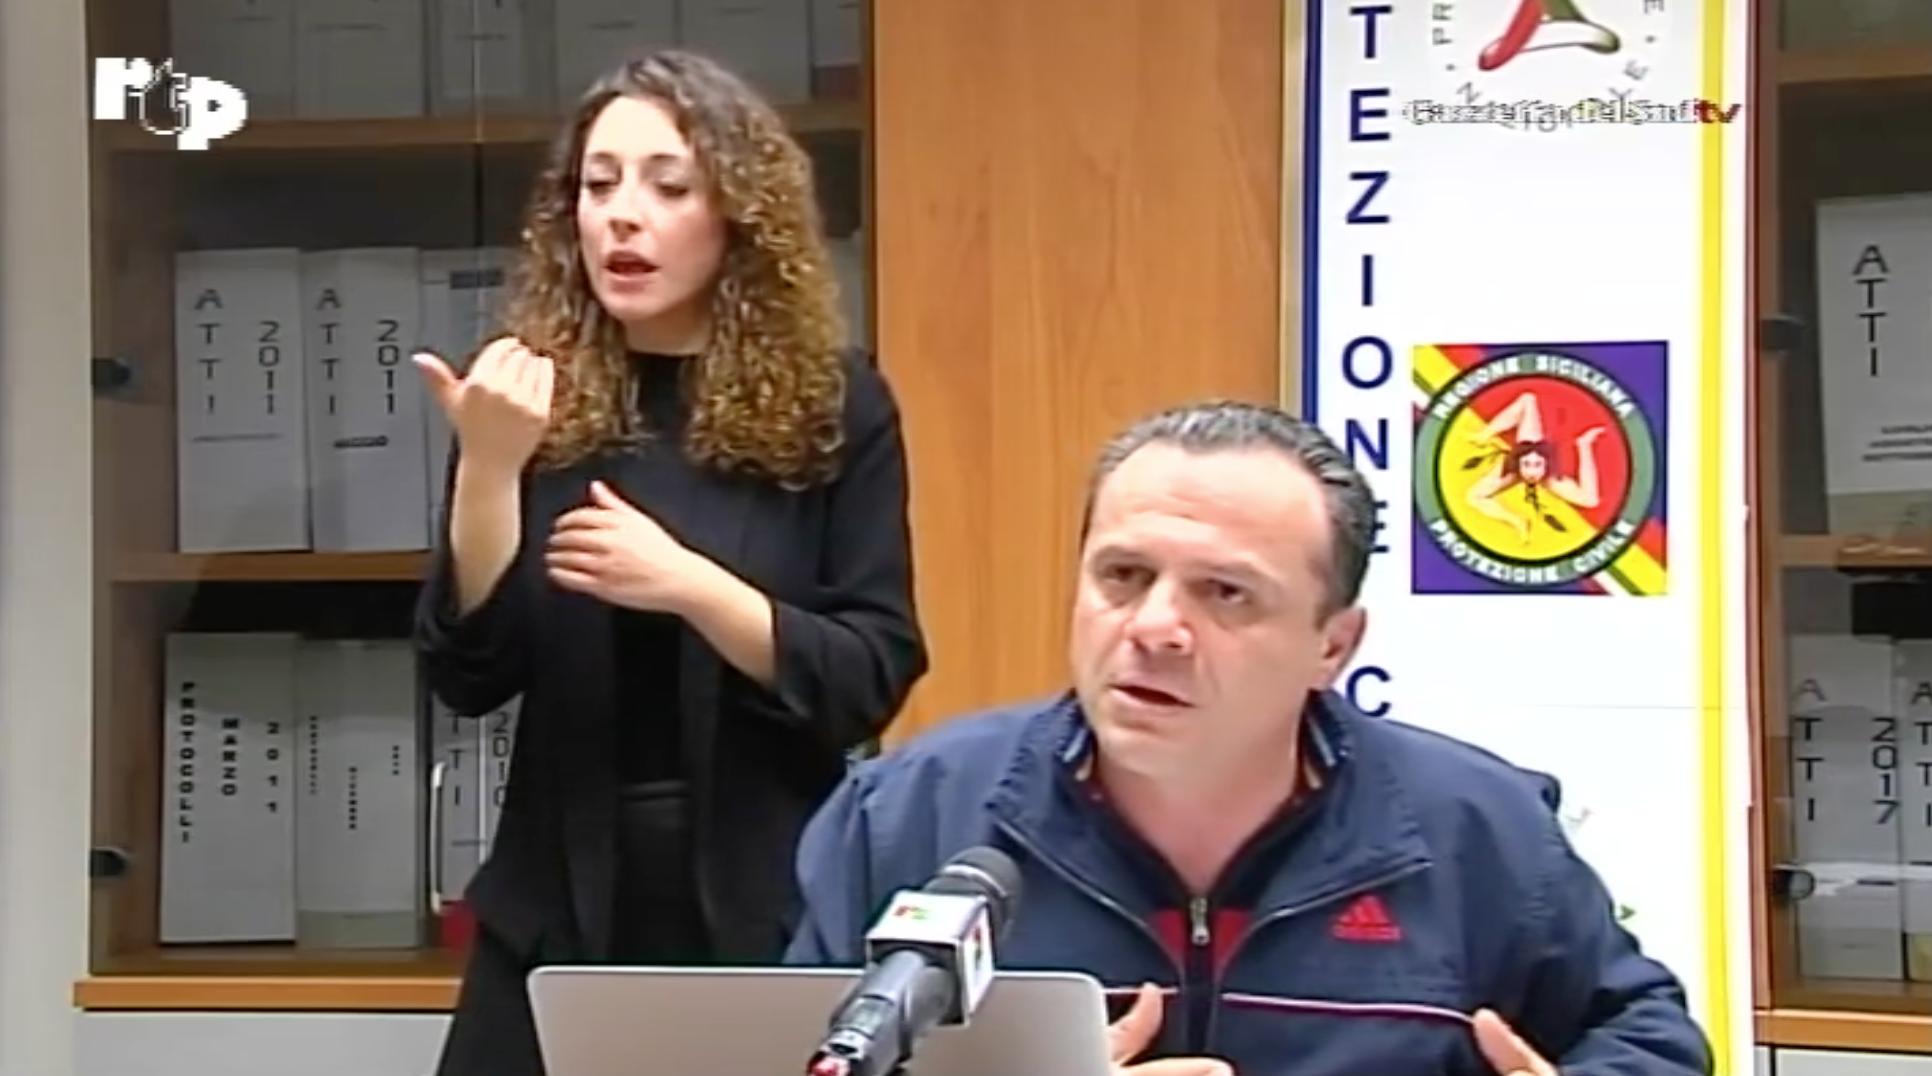 Allentamento lockdown, sindaco di Messina: non applico ordinanza Musumeci